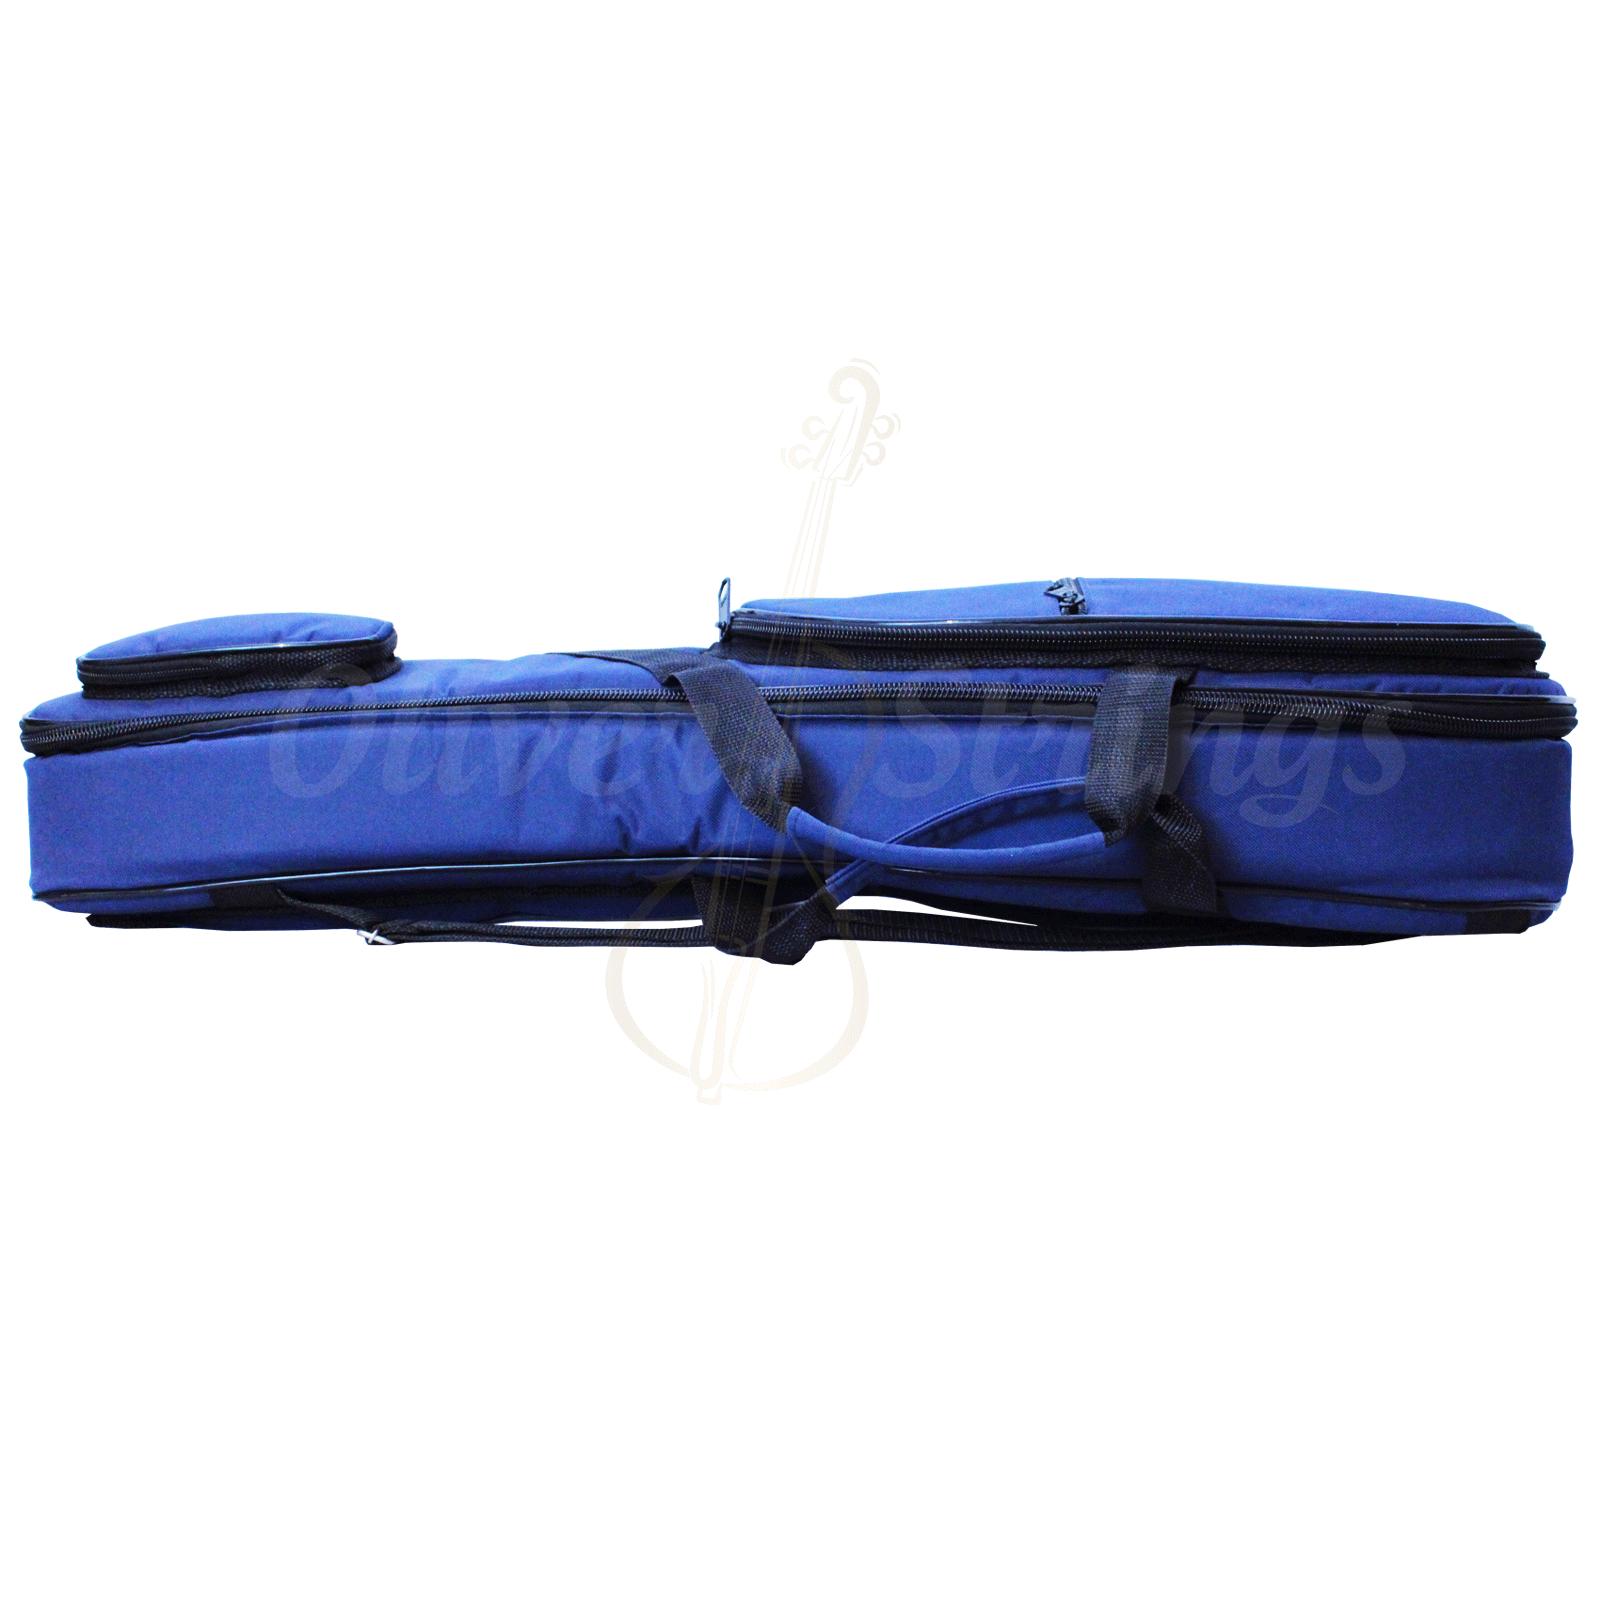 Capa Violino Extra Luxo Reforçada Para Violino 3/4 Ou 4/4